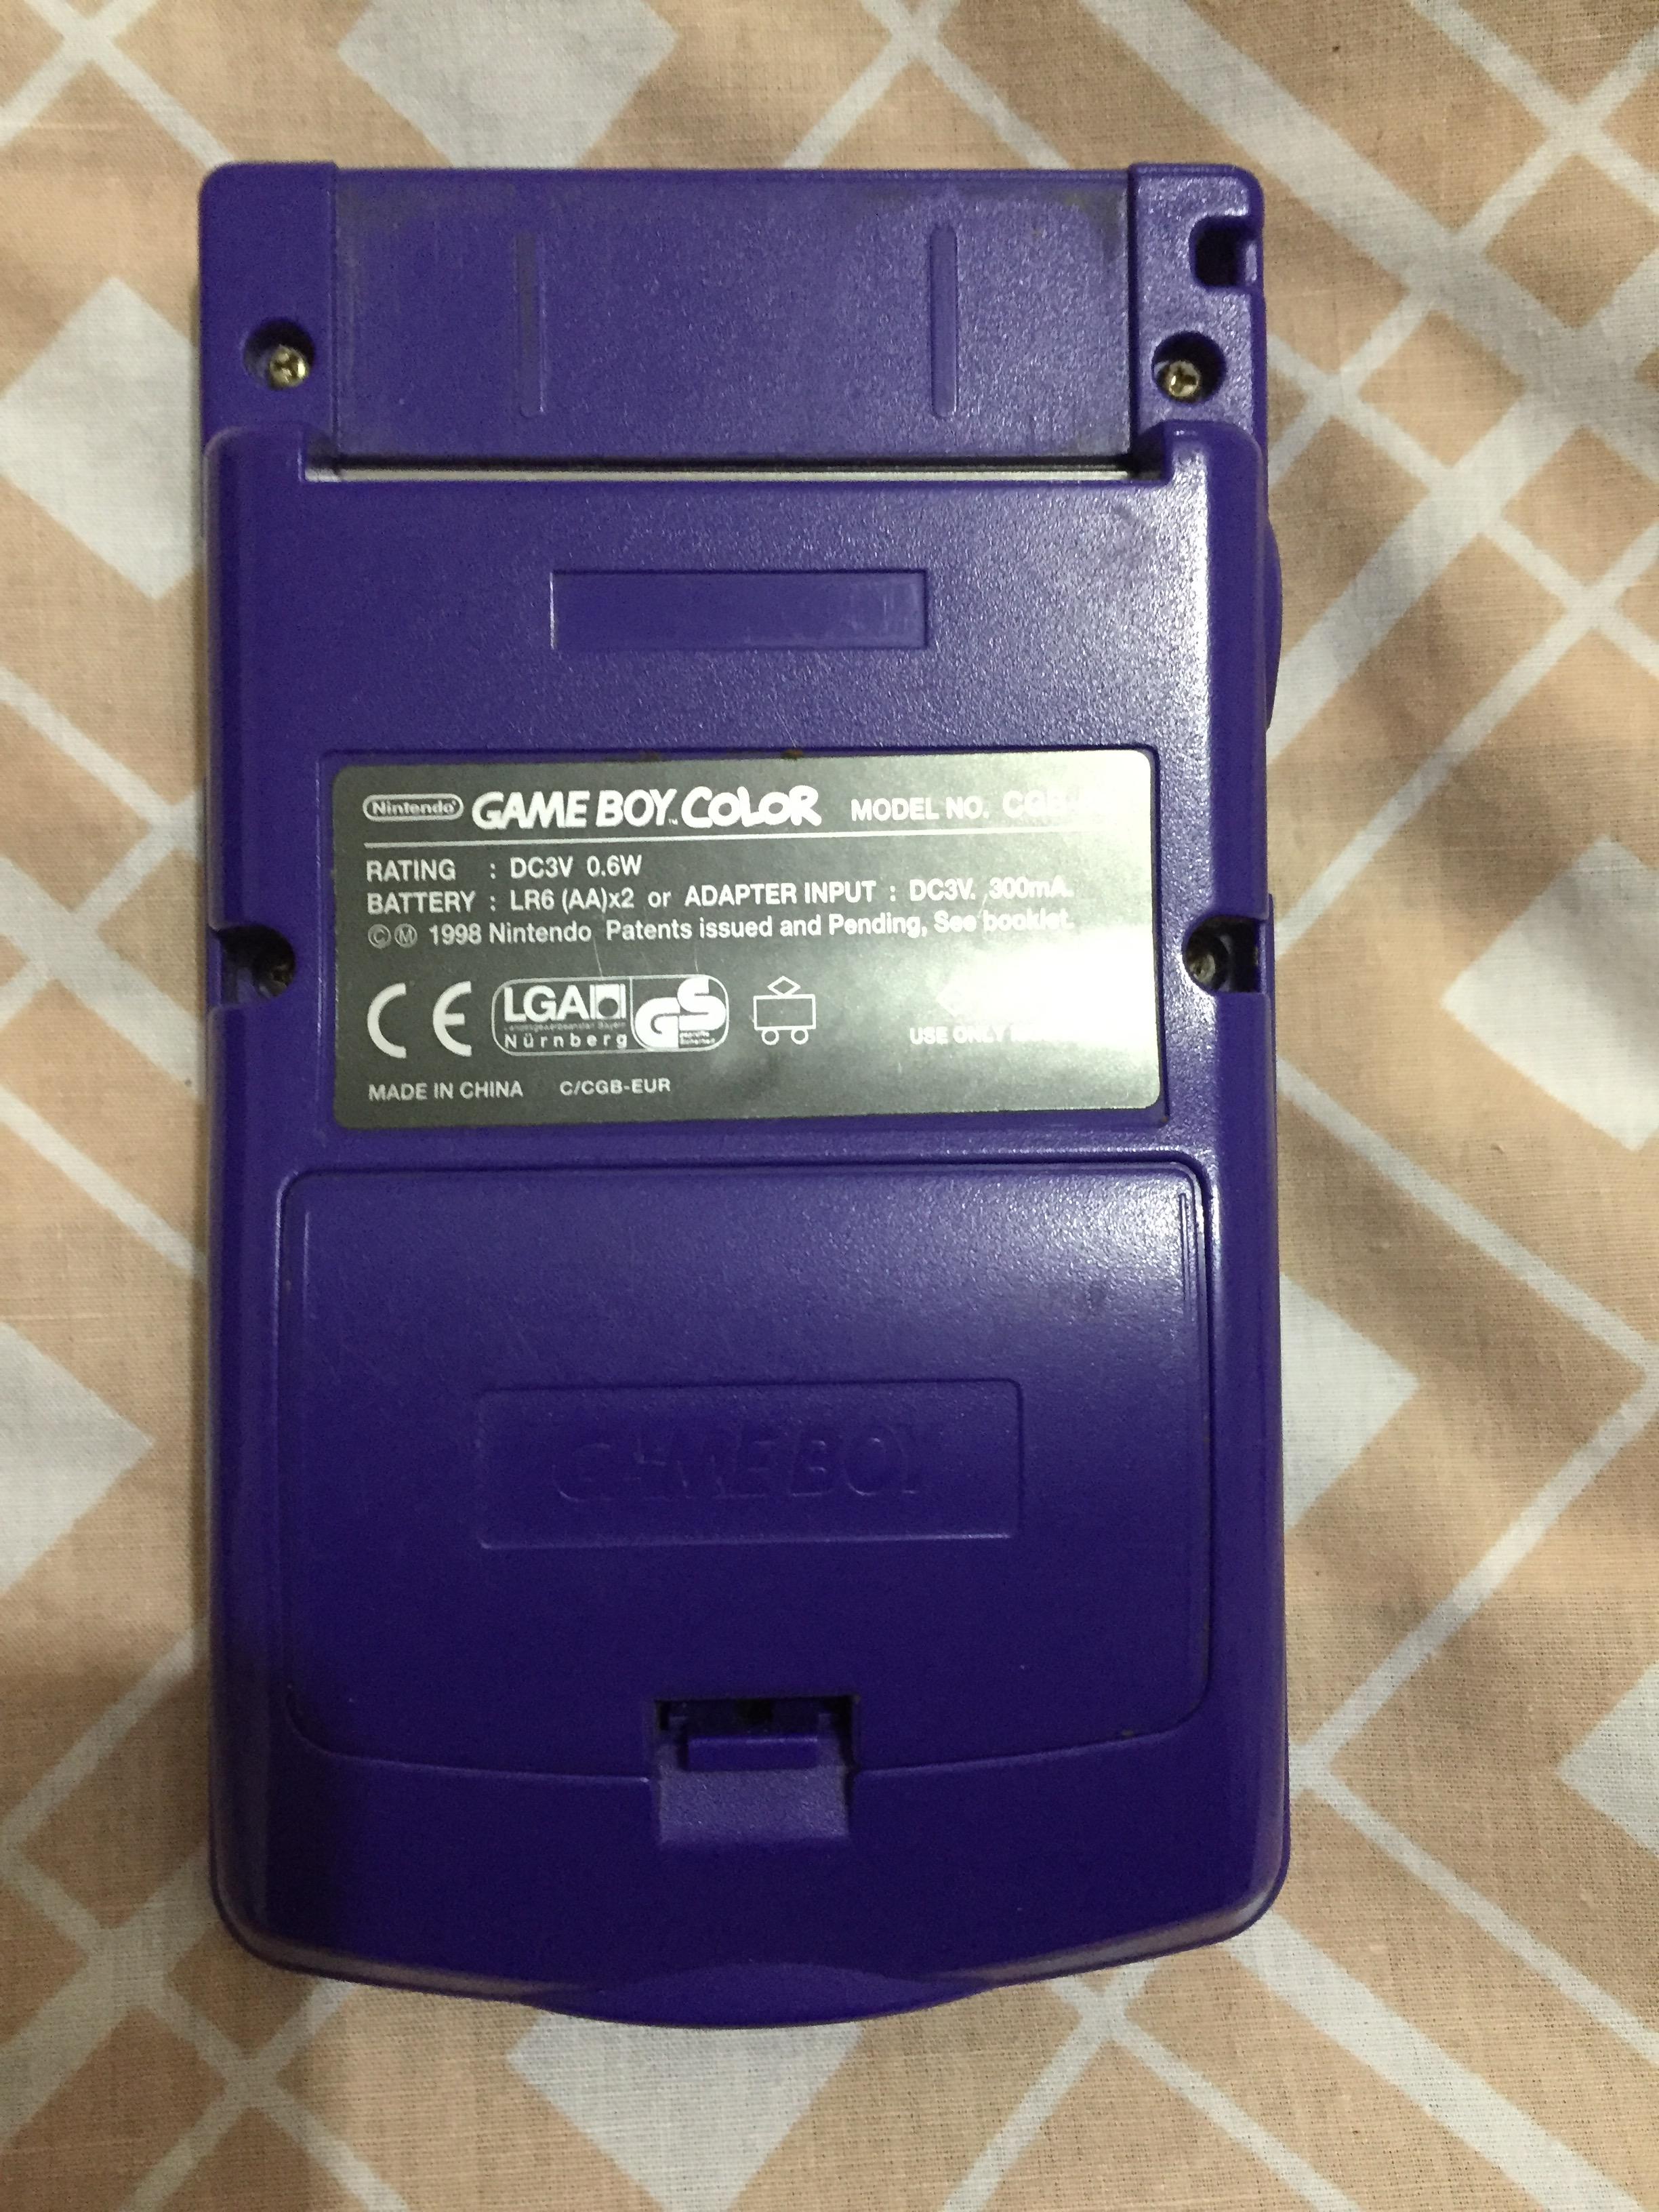 Gameboy color - Gameboy Color